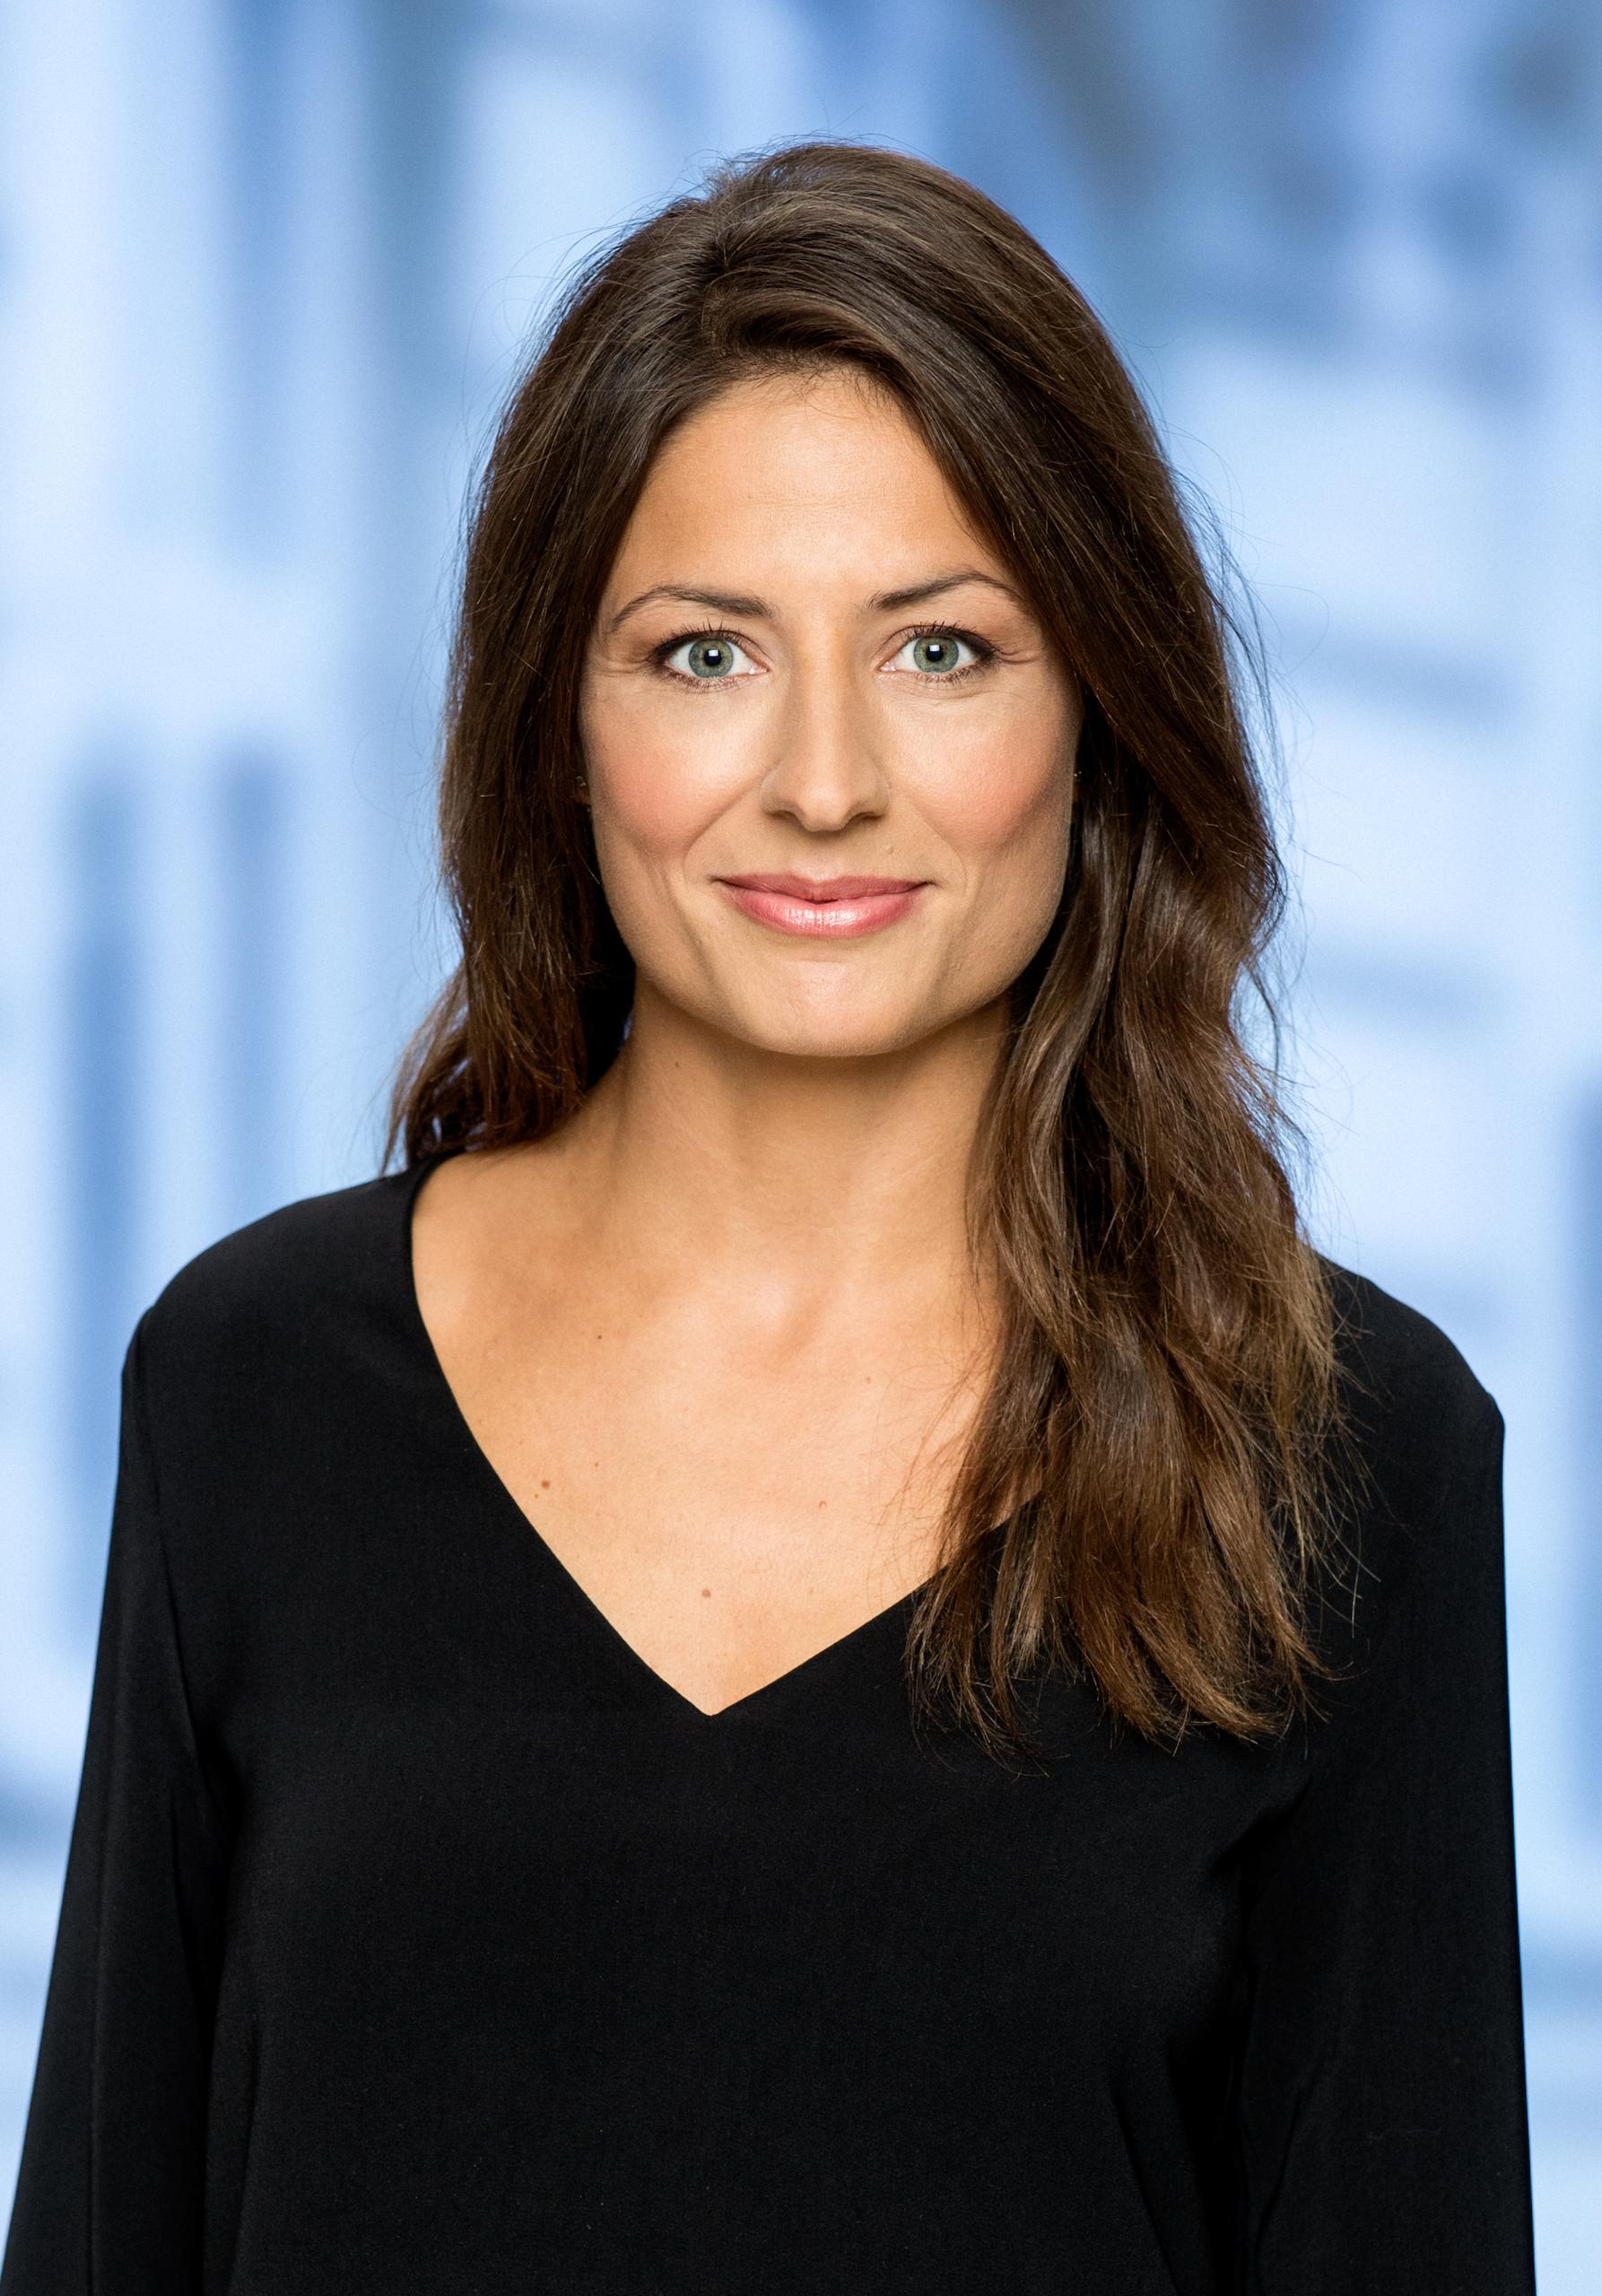 Linea Søgaard-Lidell